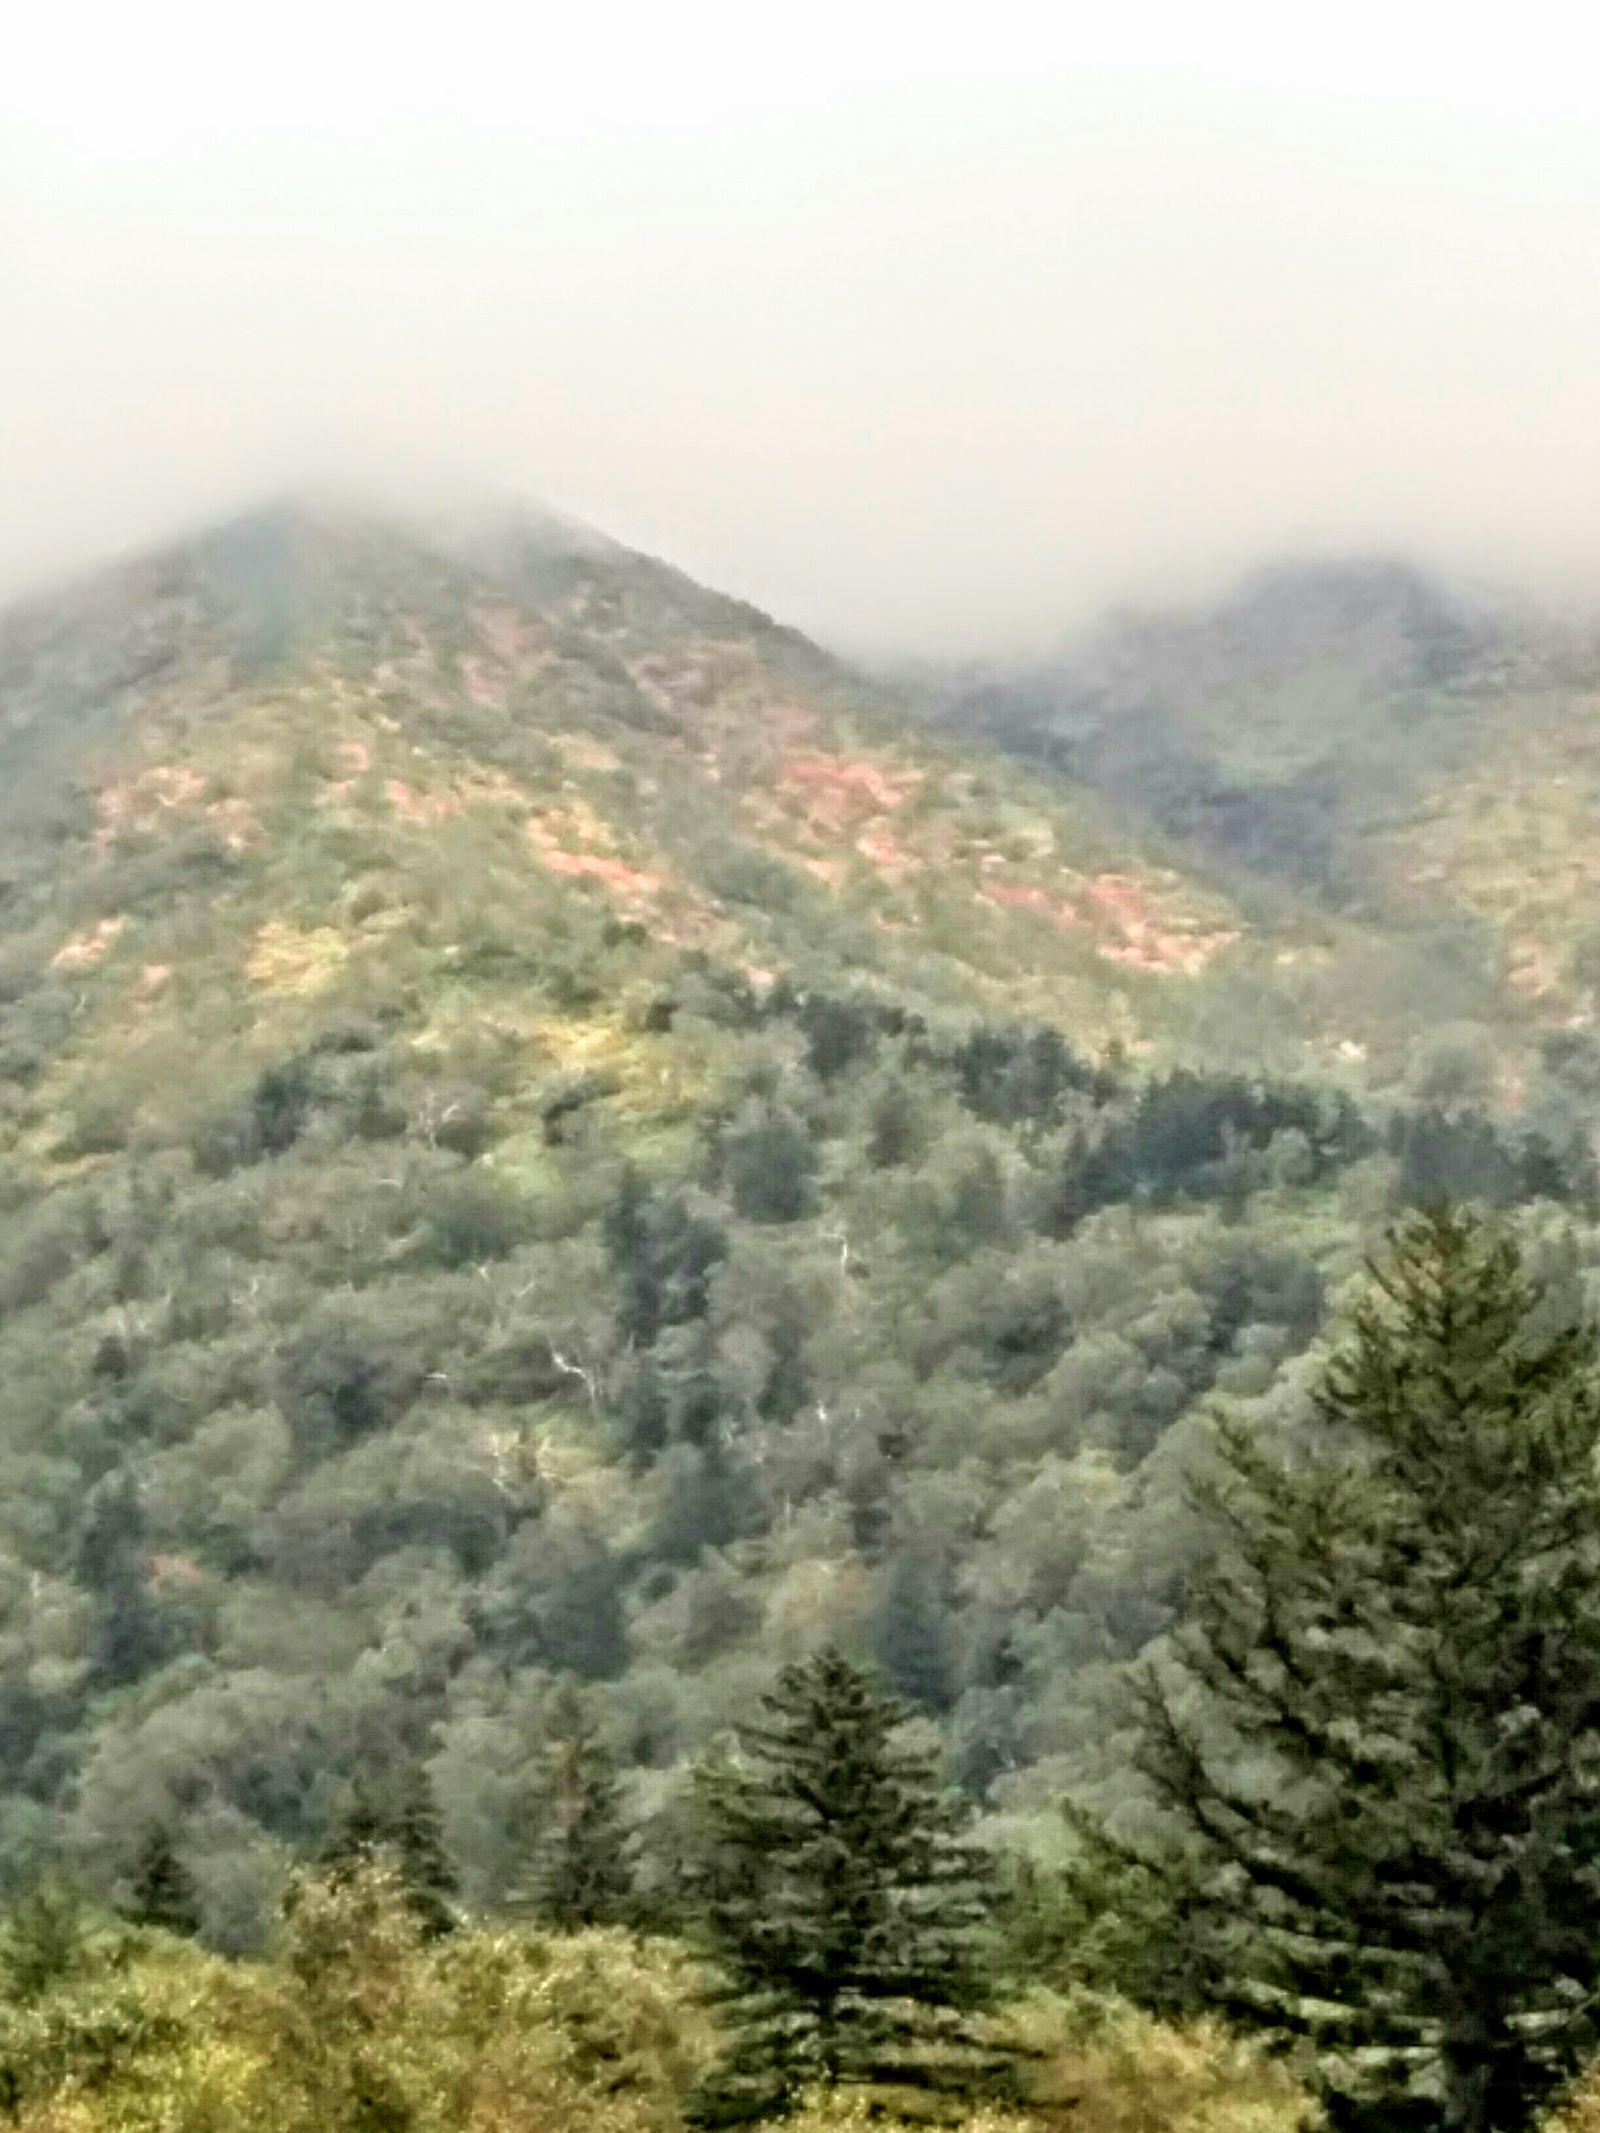 【上富良野】紅葉が始まった十勝連山とバーデン上富良野観光タクシー